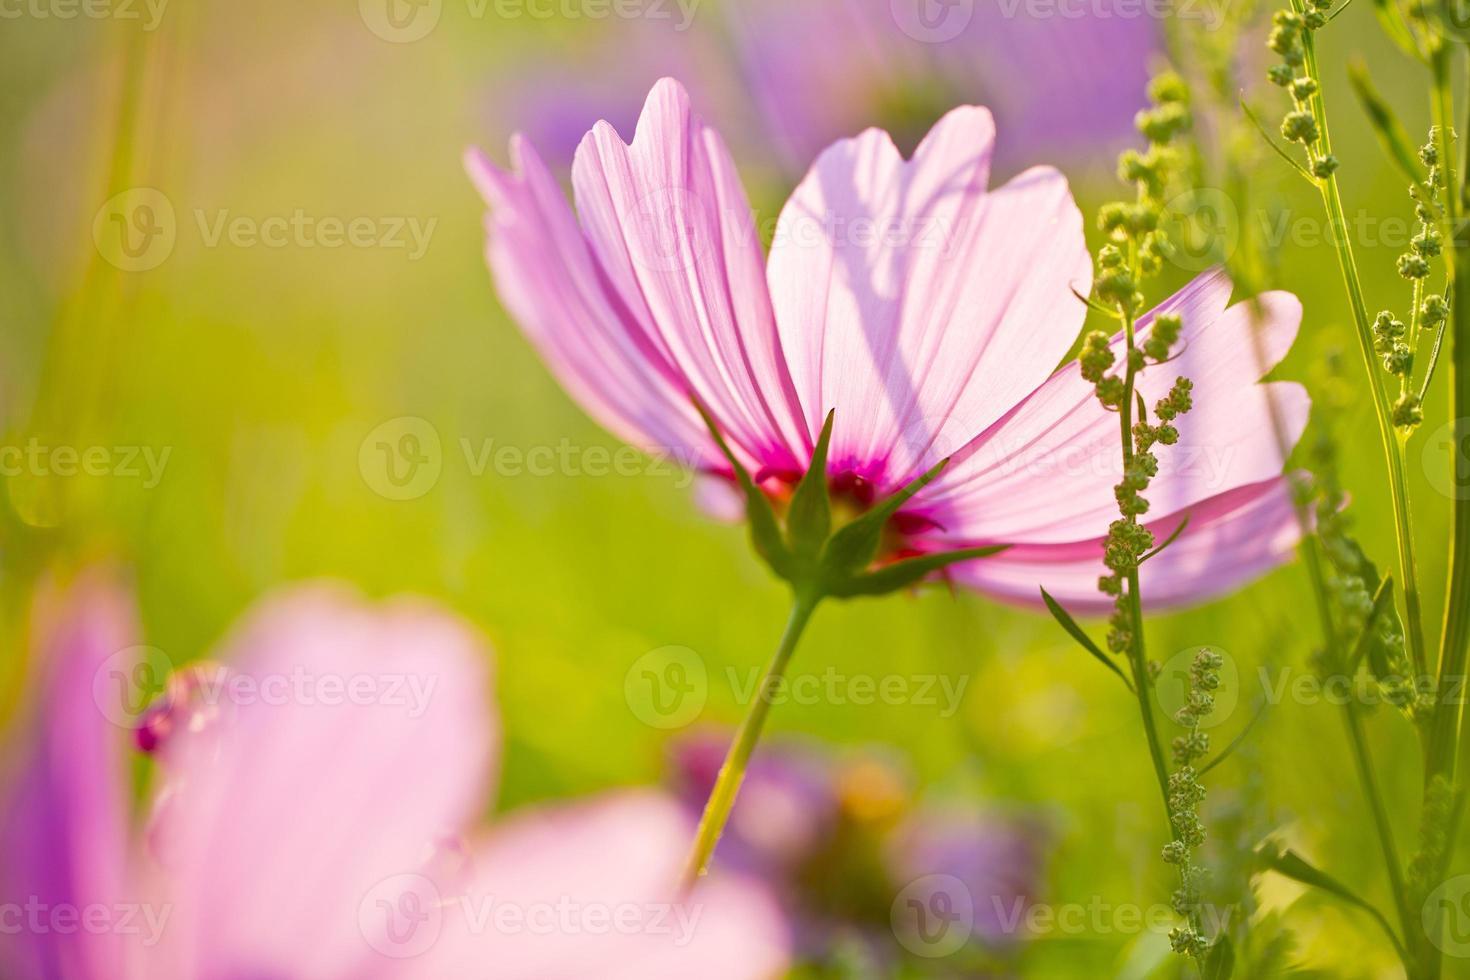 flores silvestres de verano foto